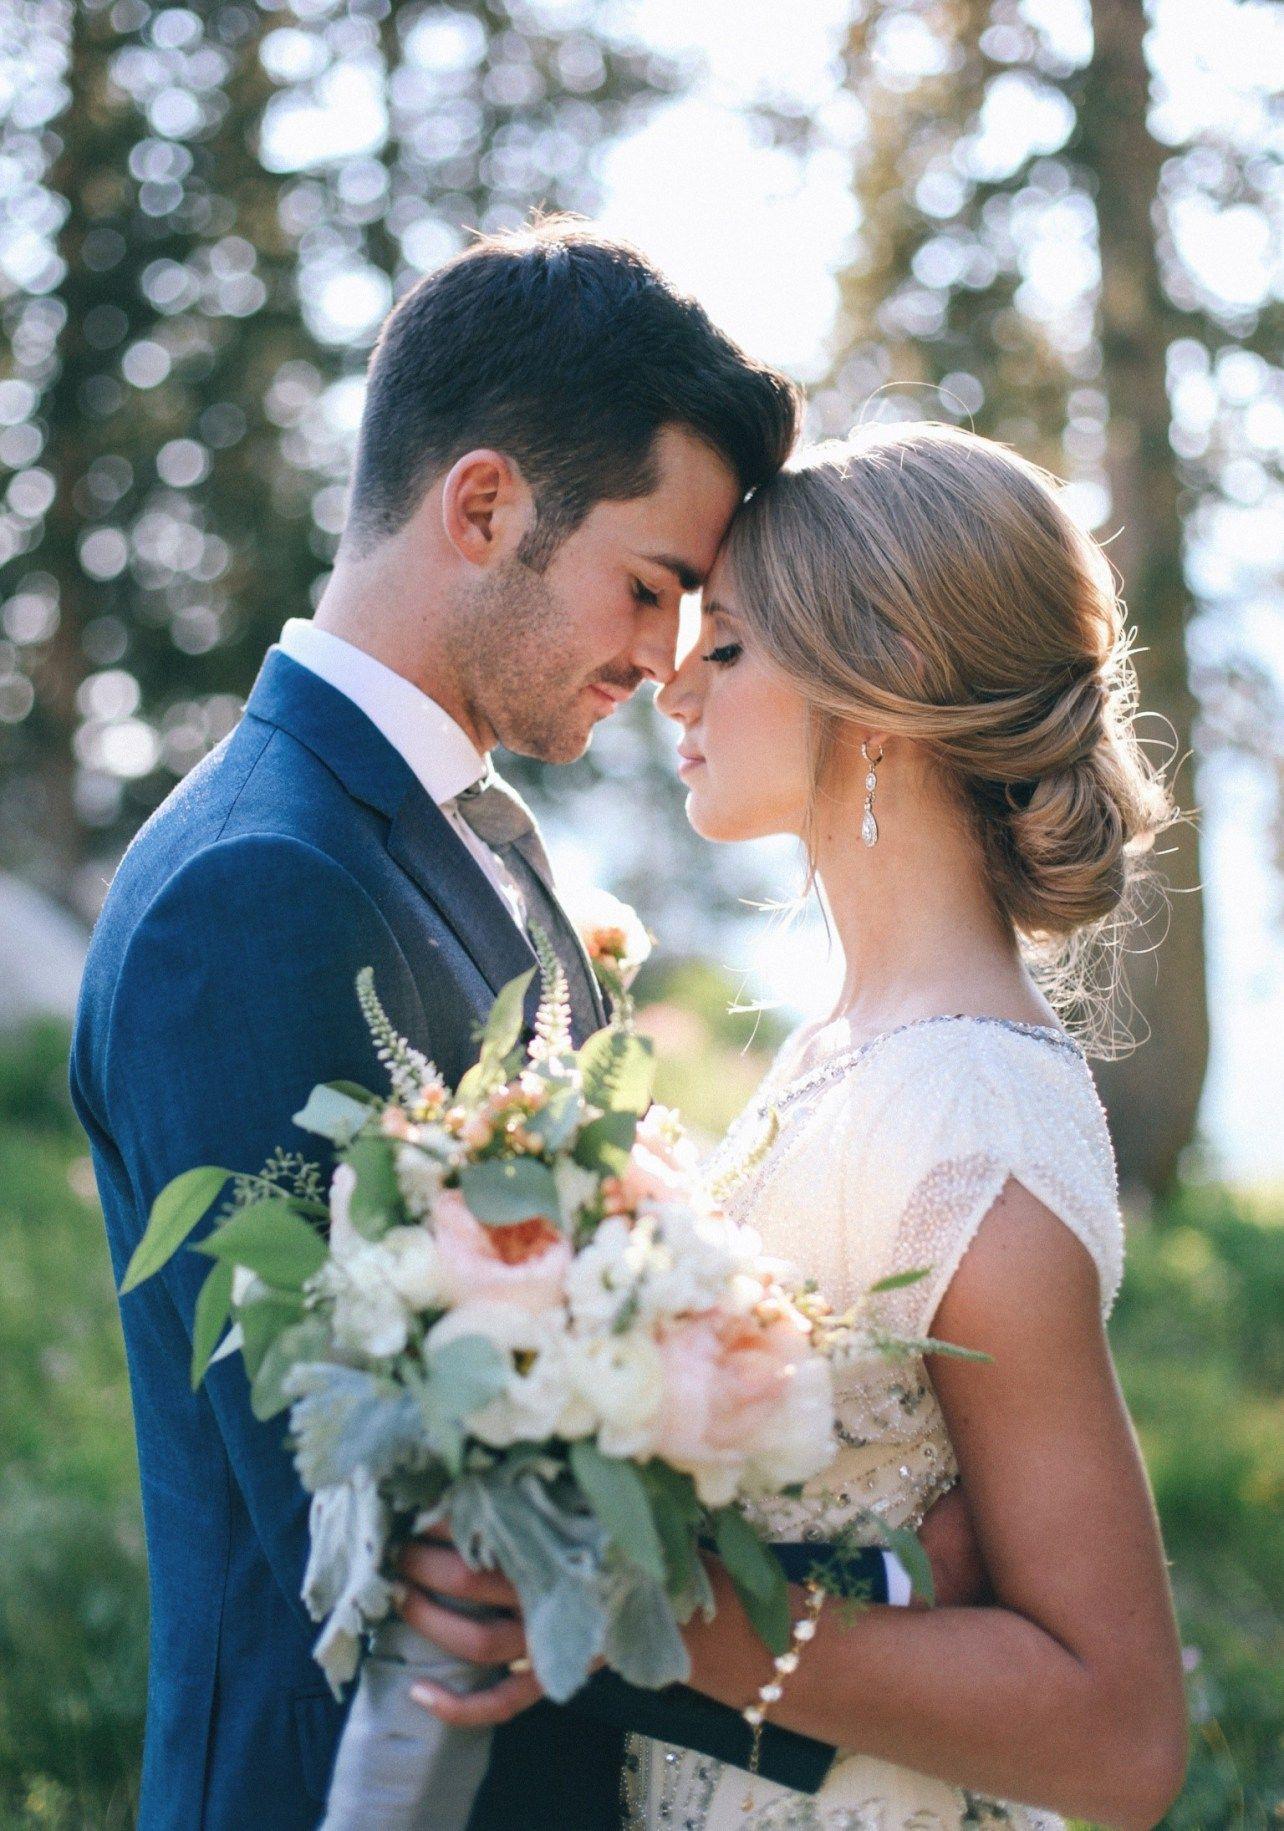 Outdoor Wedding Photography Ideas 39 Weddingphotography Wedding Picture Poses Bride Photography Wedding Photos Poses